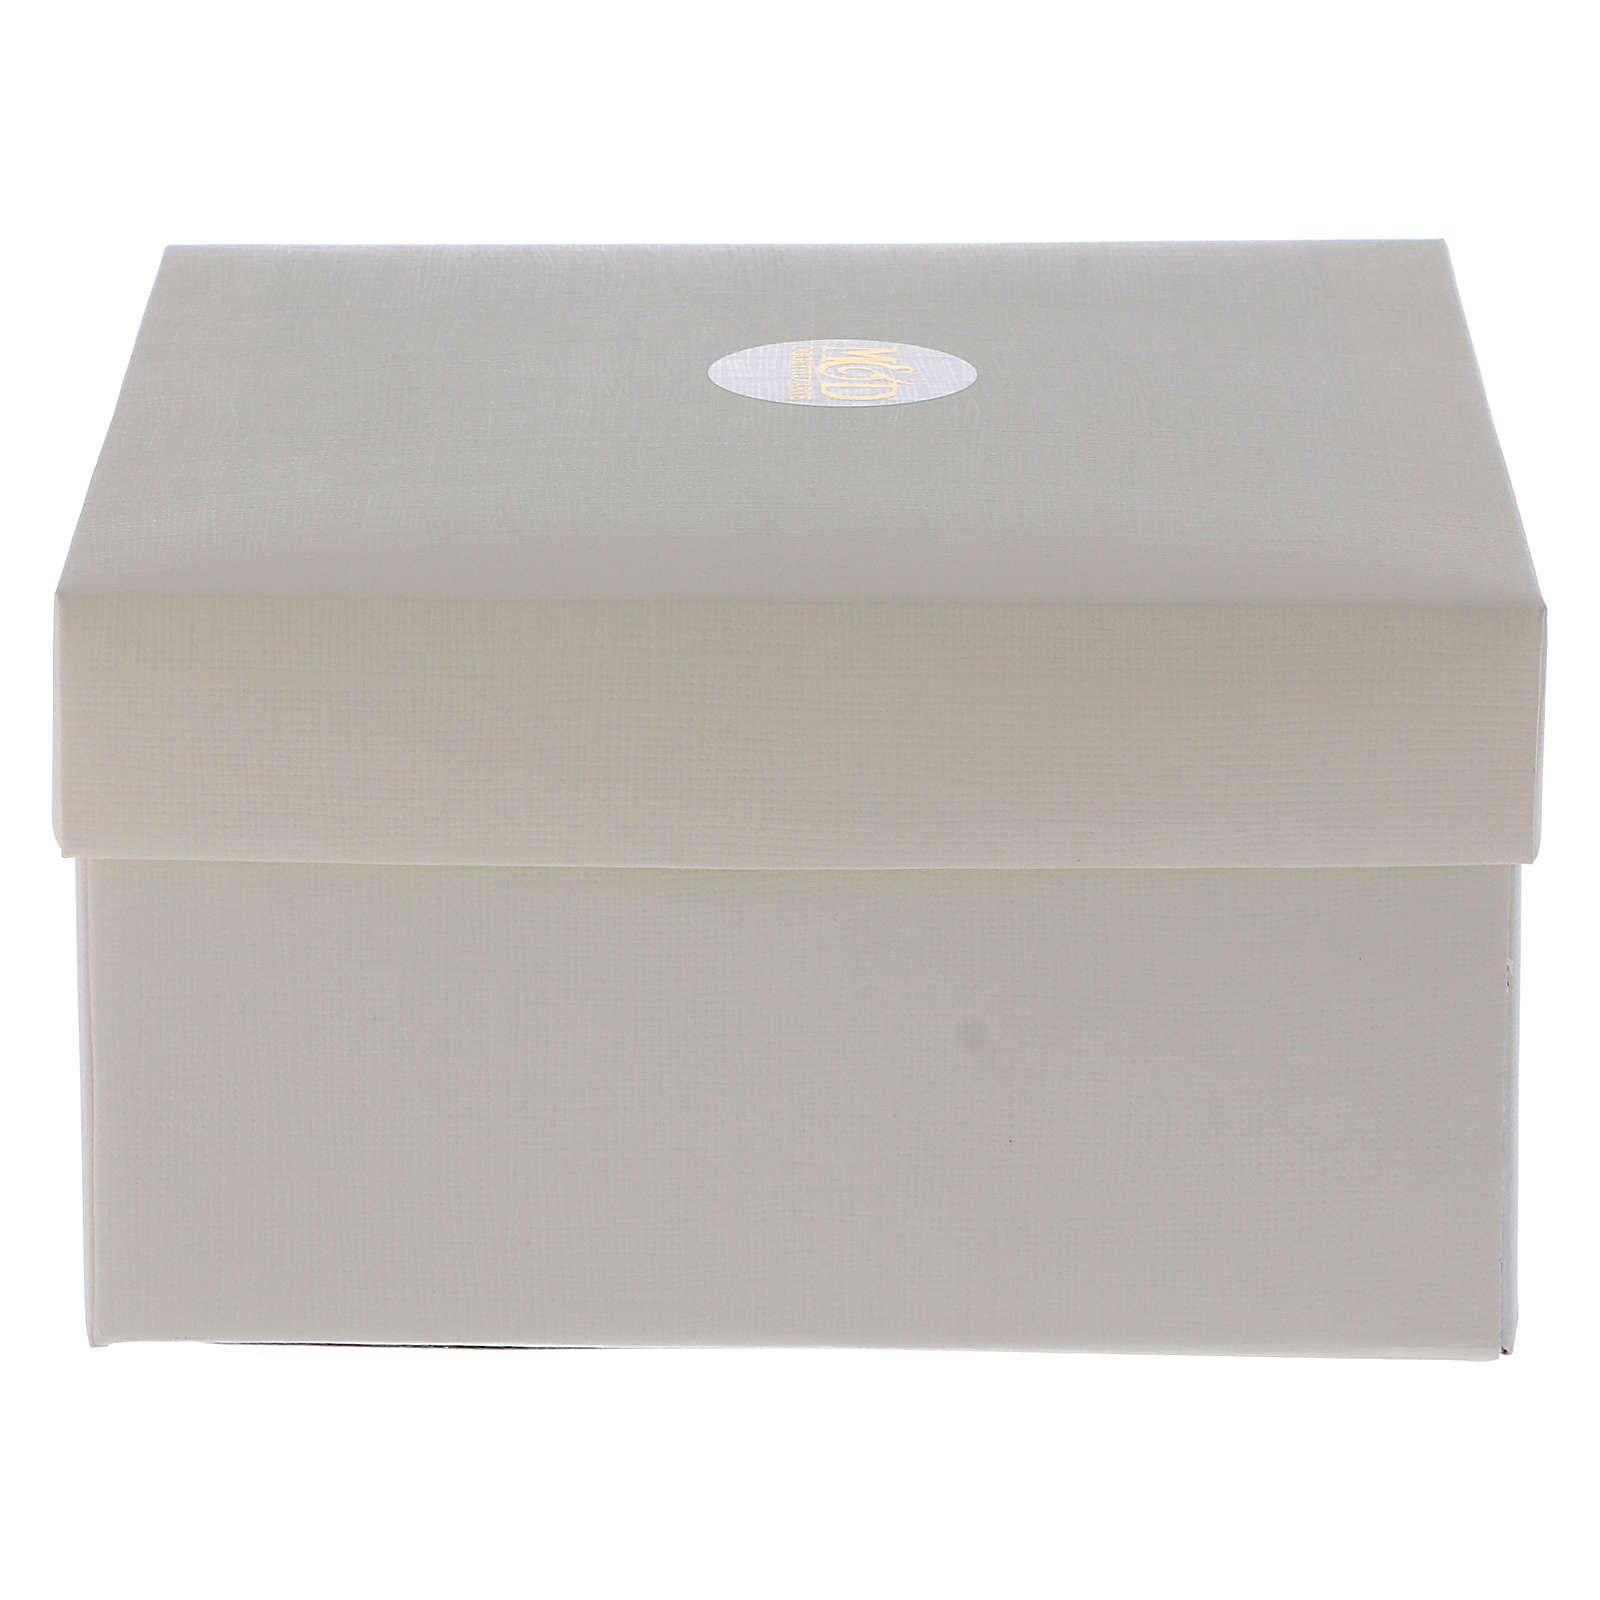 Bonbonnière religieuse boîte avec Anges 5x5x5 cm 3